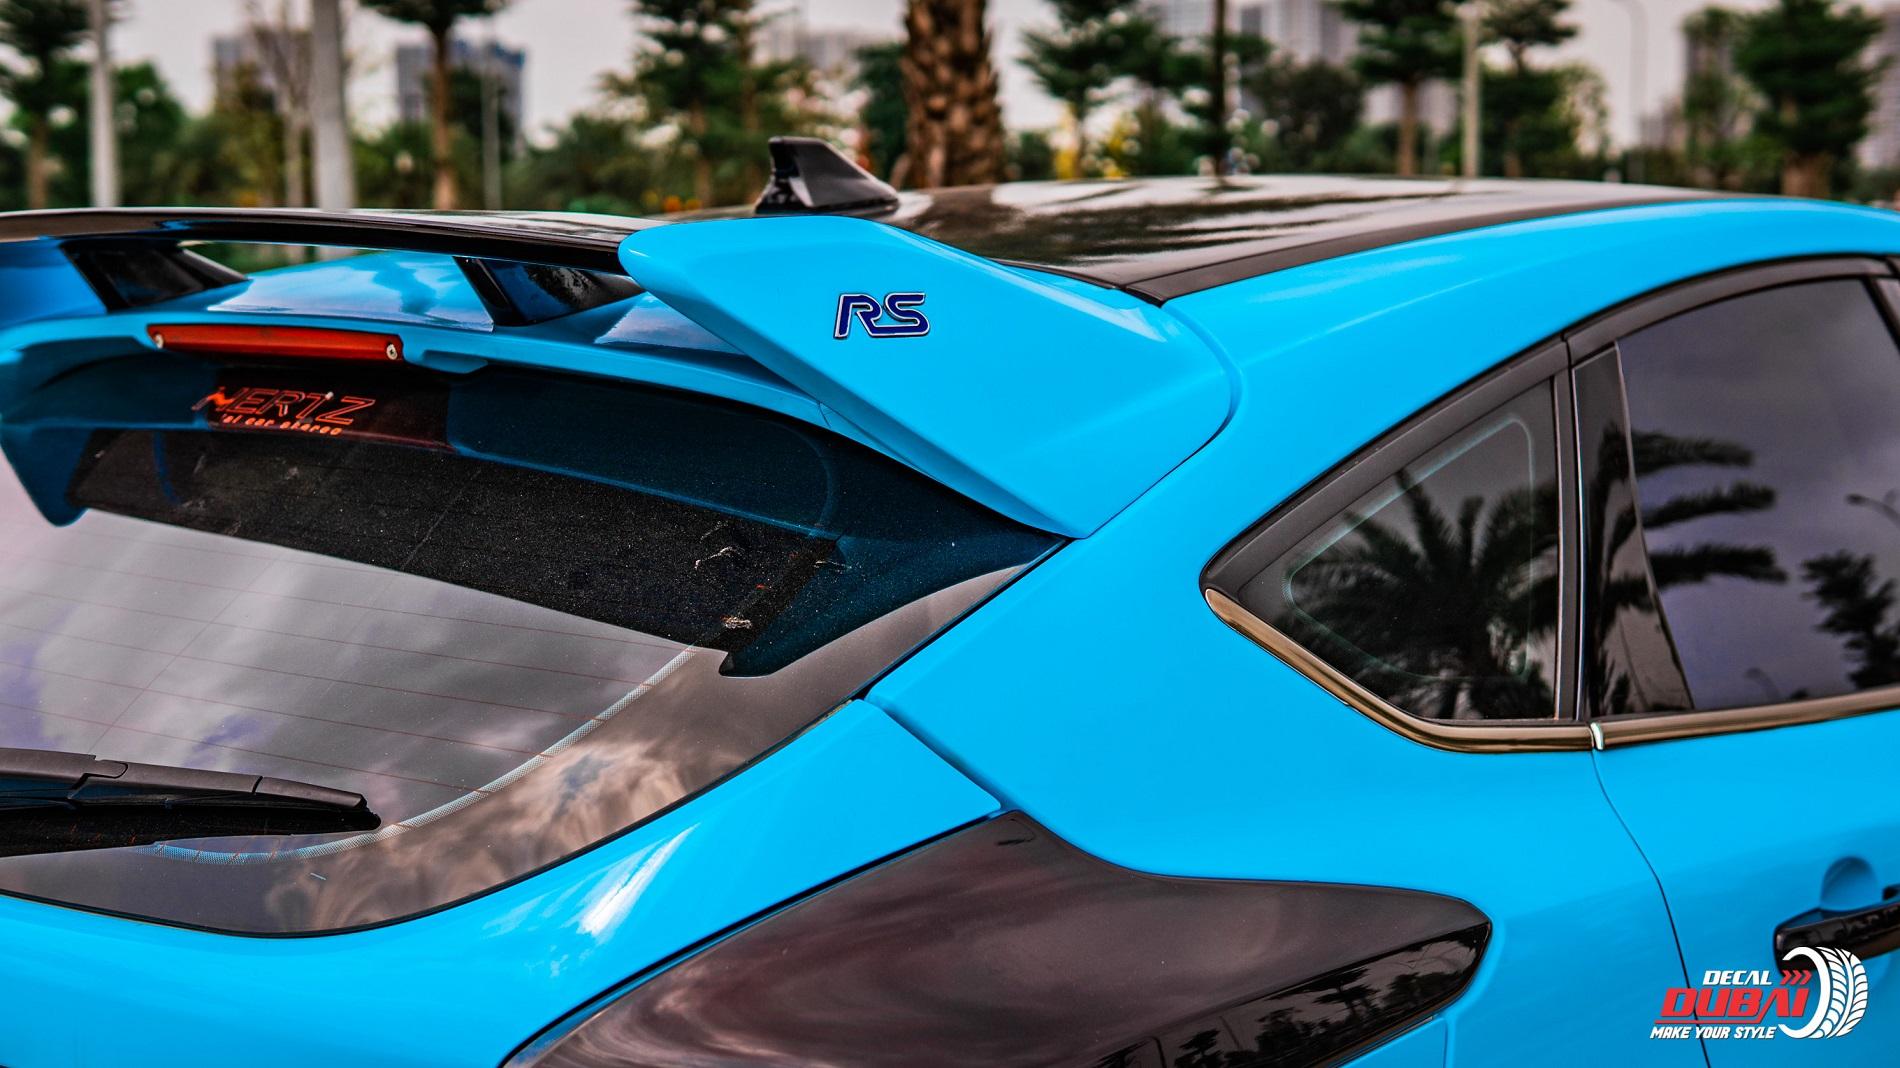 Dán đổi màu xe Ford Focus Xanh G5007 -3